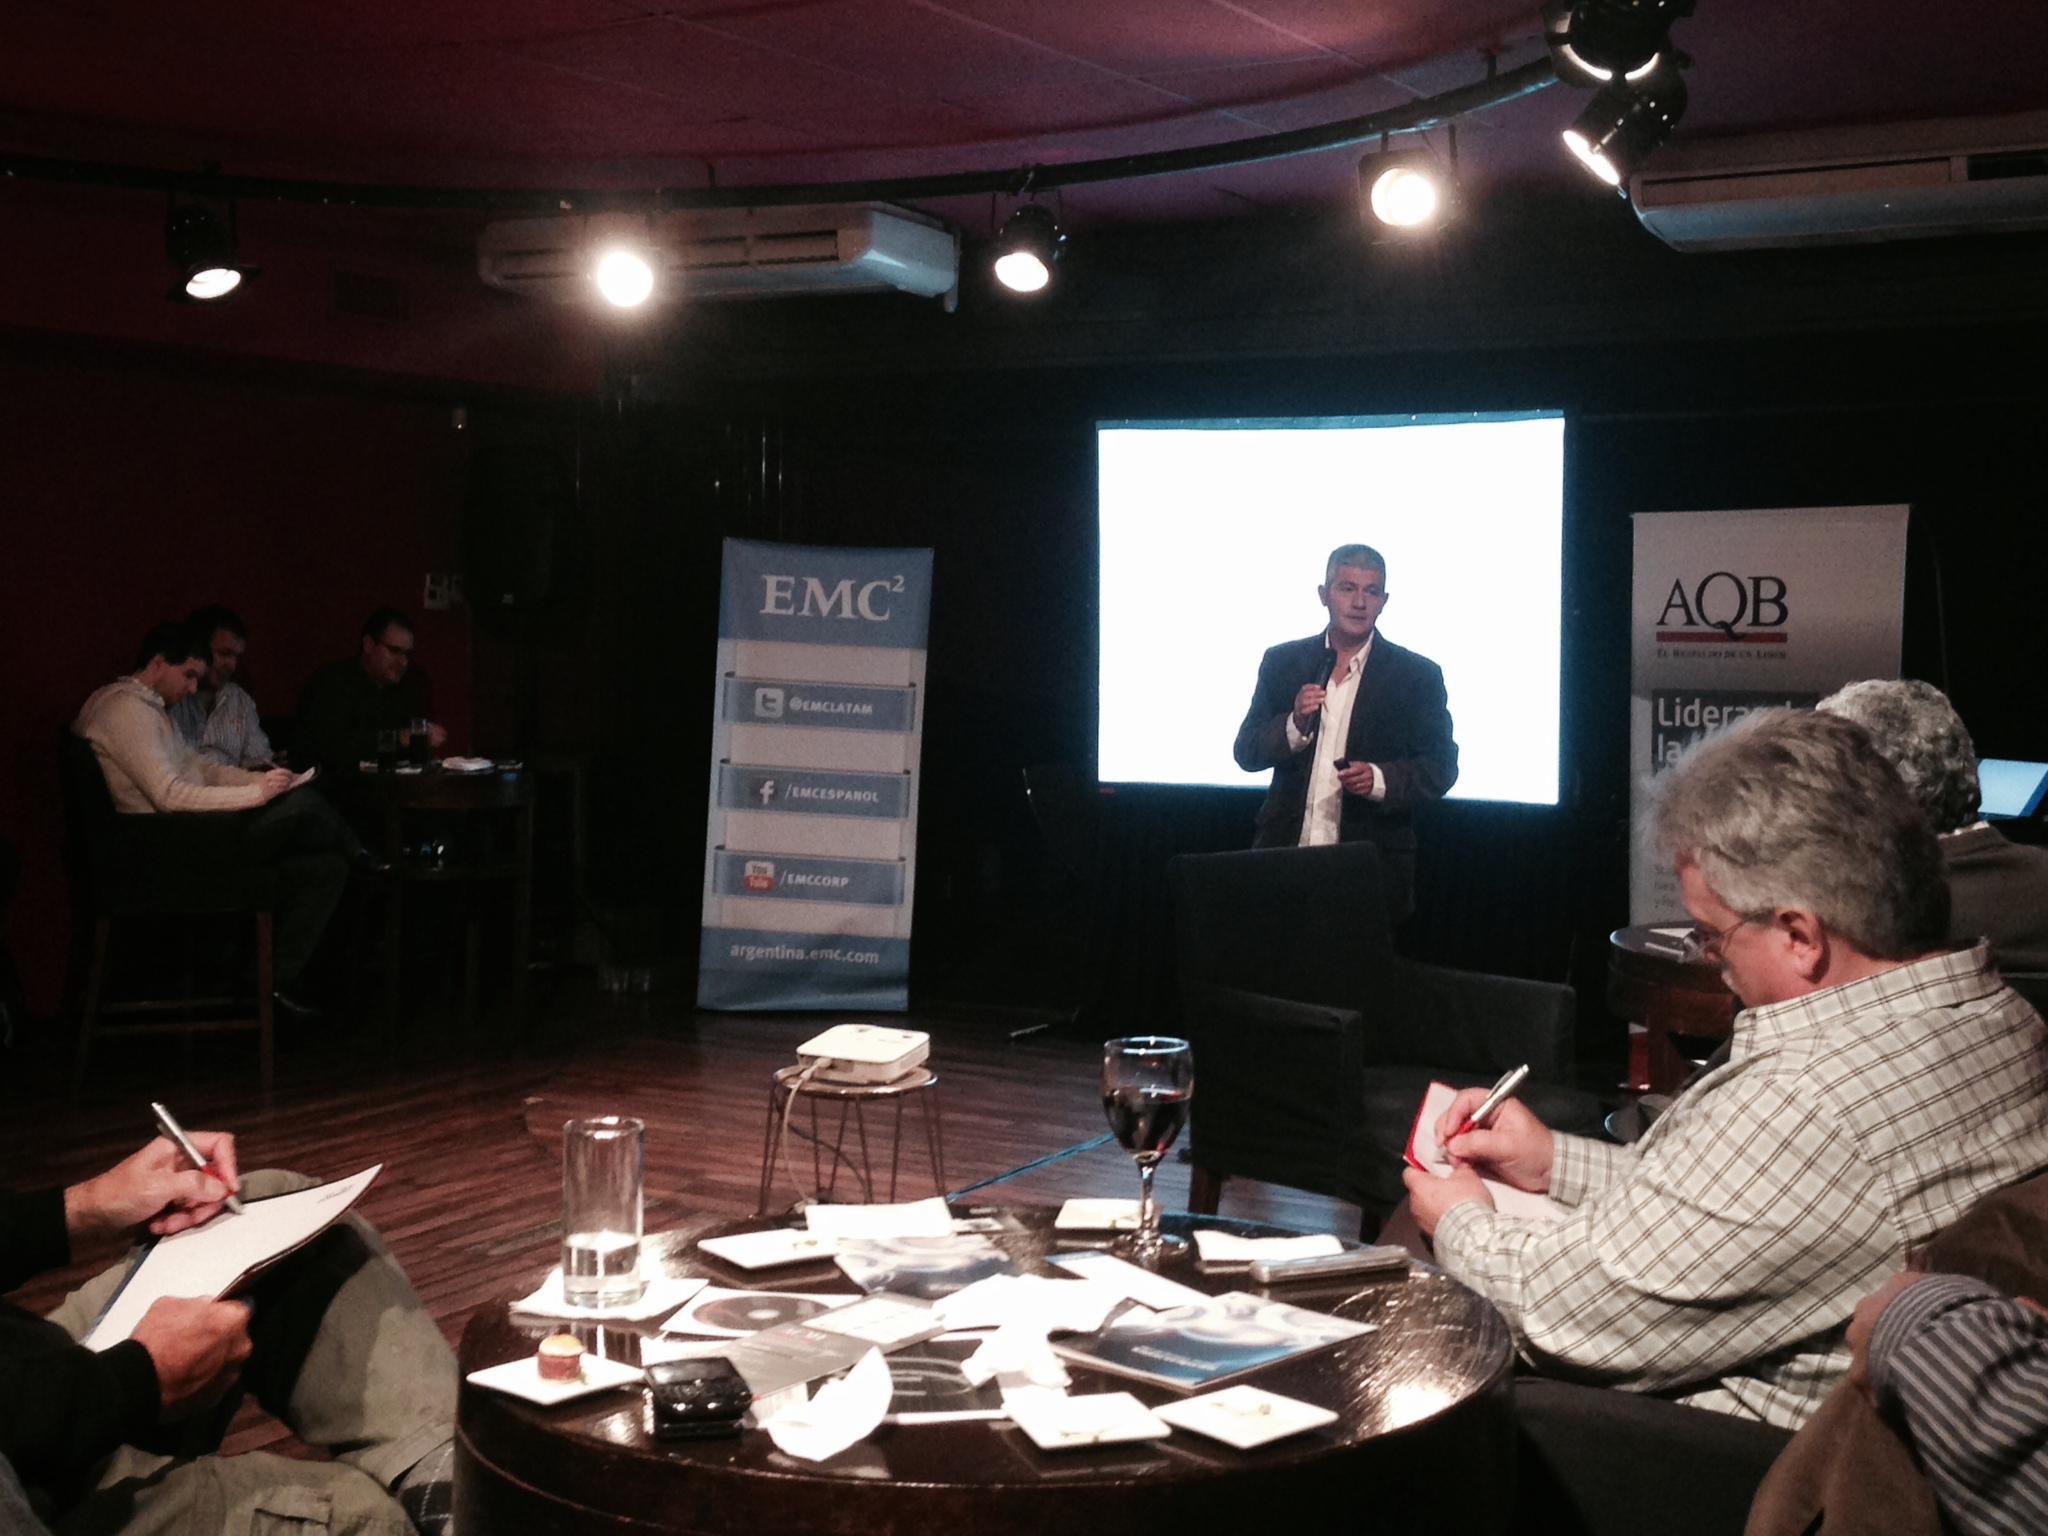 EVENPRO junto a Enrique Nardone para AQB y EMC en Cuk Buenos Aires